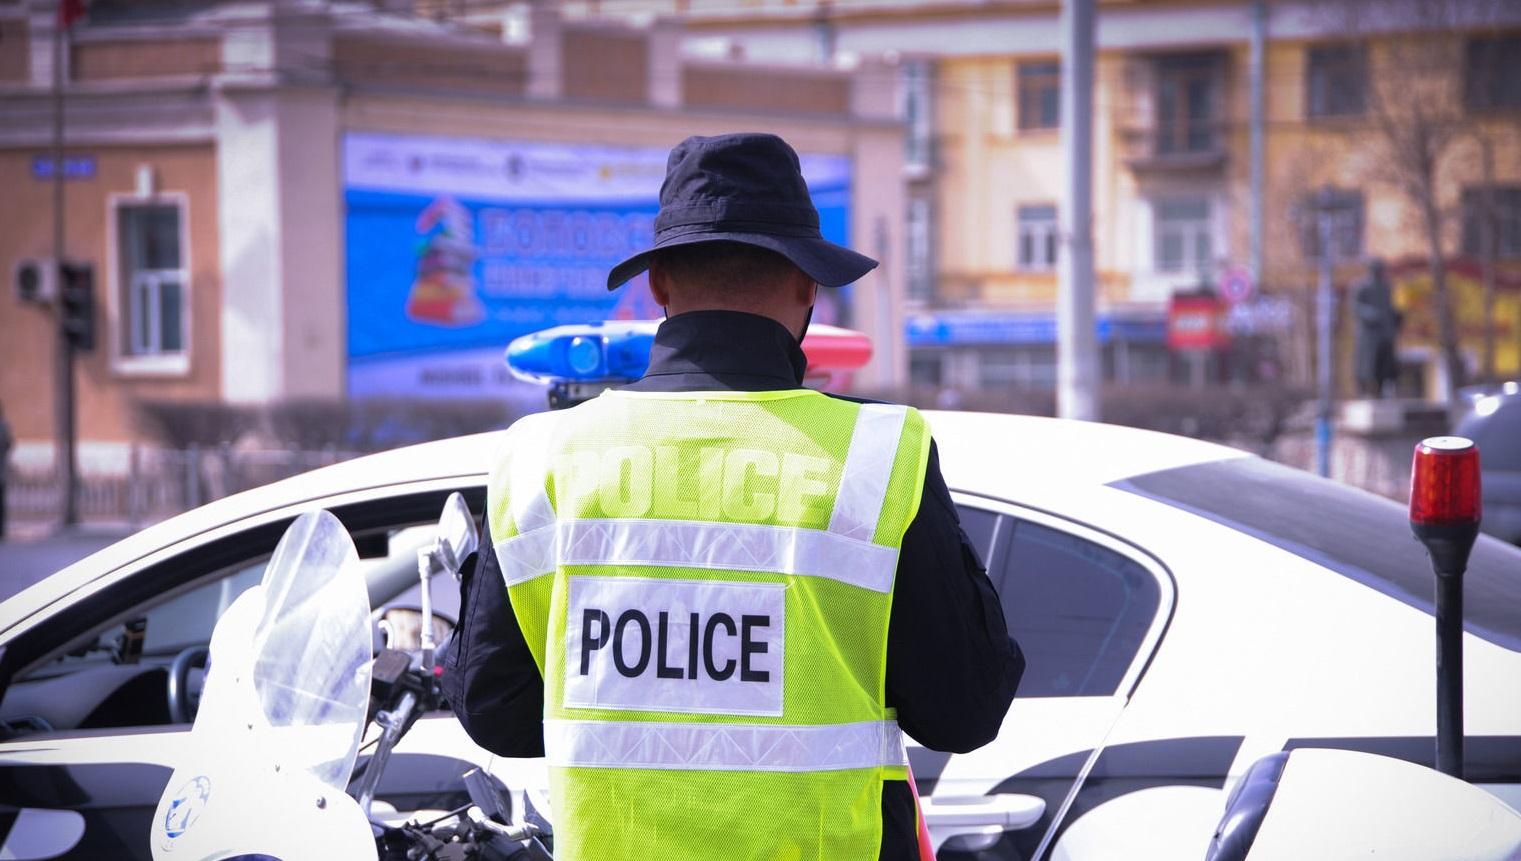 Автобусны жолооч бага насны хоёр хүүхдийг мөргөж гэмтээжээ